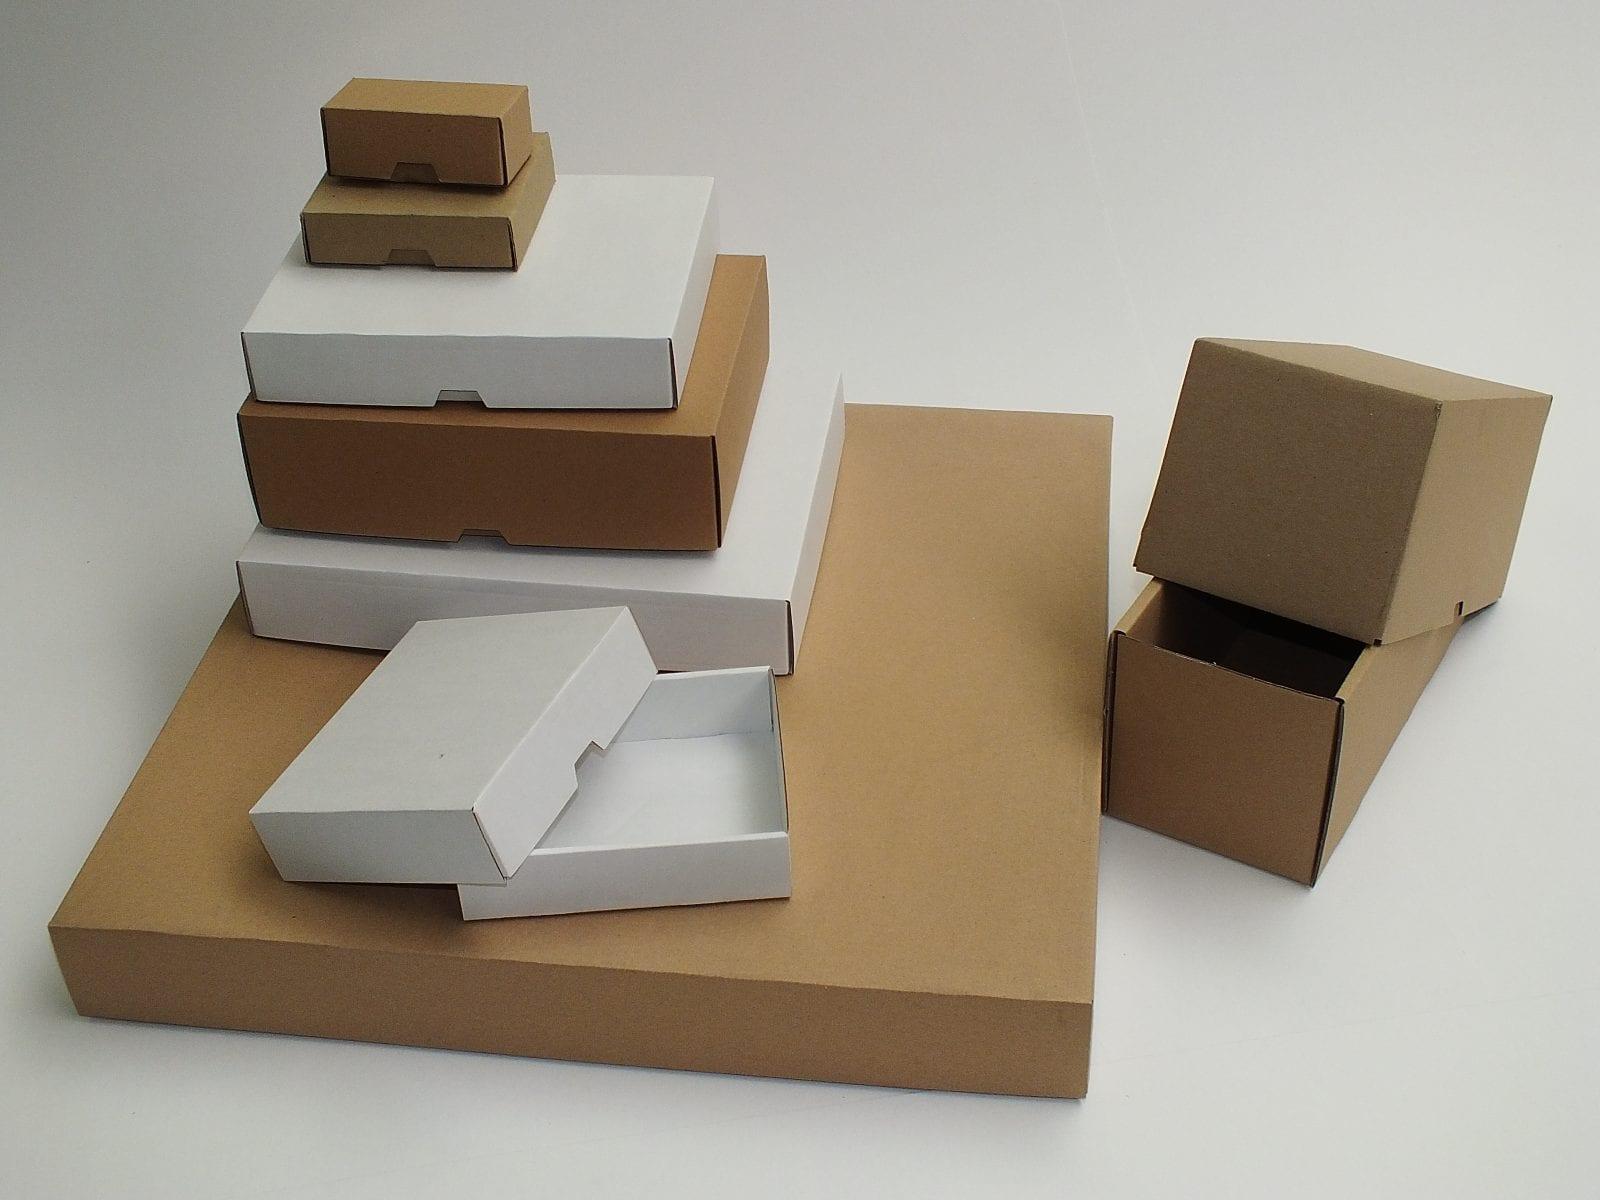 Stülpdeckelkartons